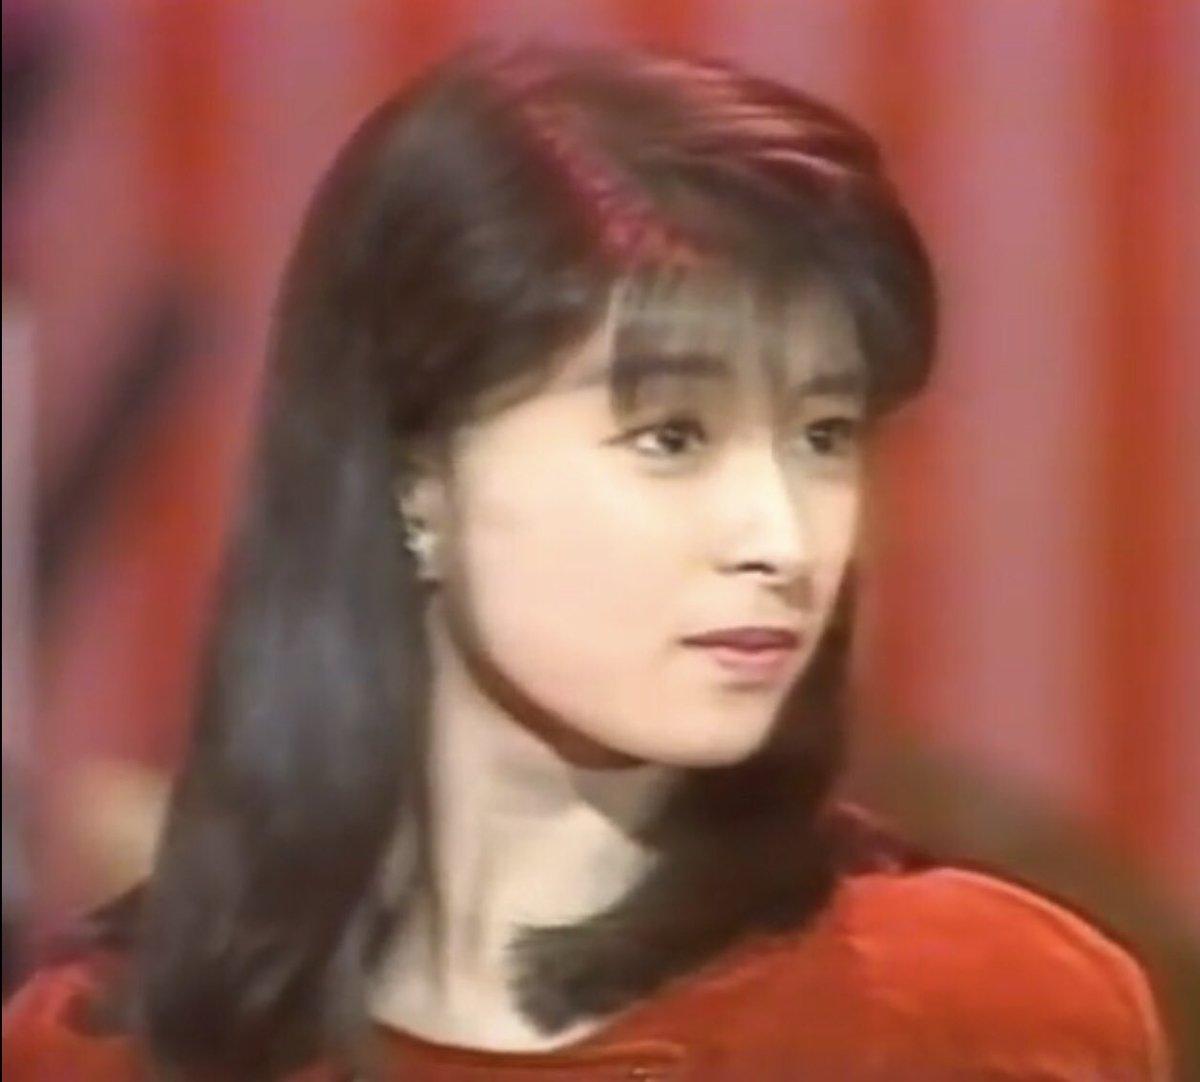 80年代アイドル   相葉雅紀くん大好き♡ぐうたら主婦のブログ